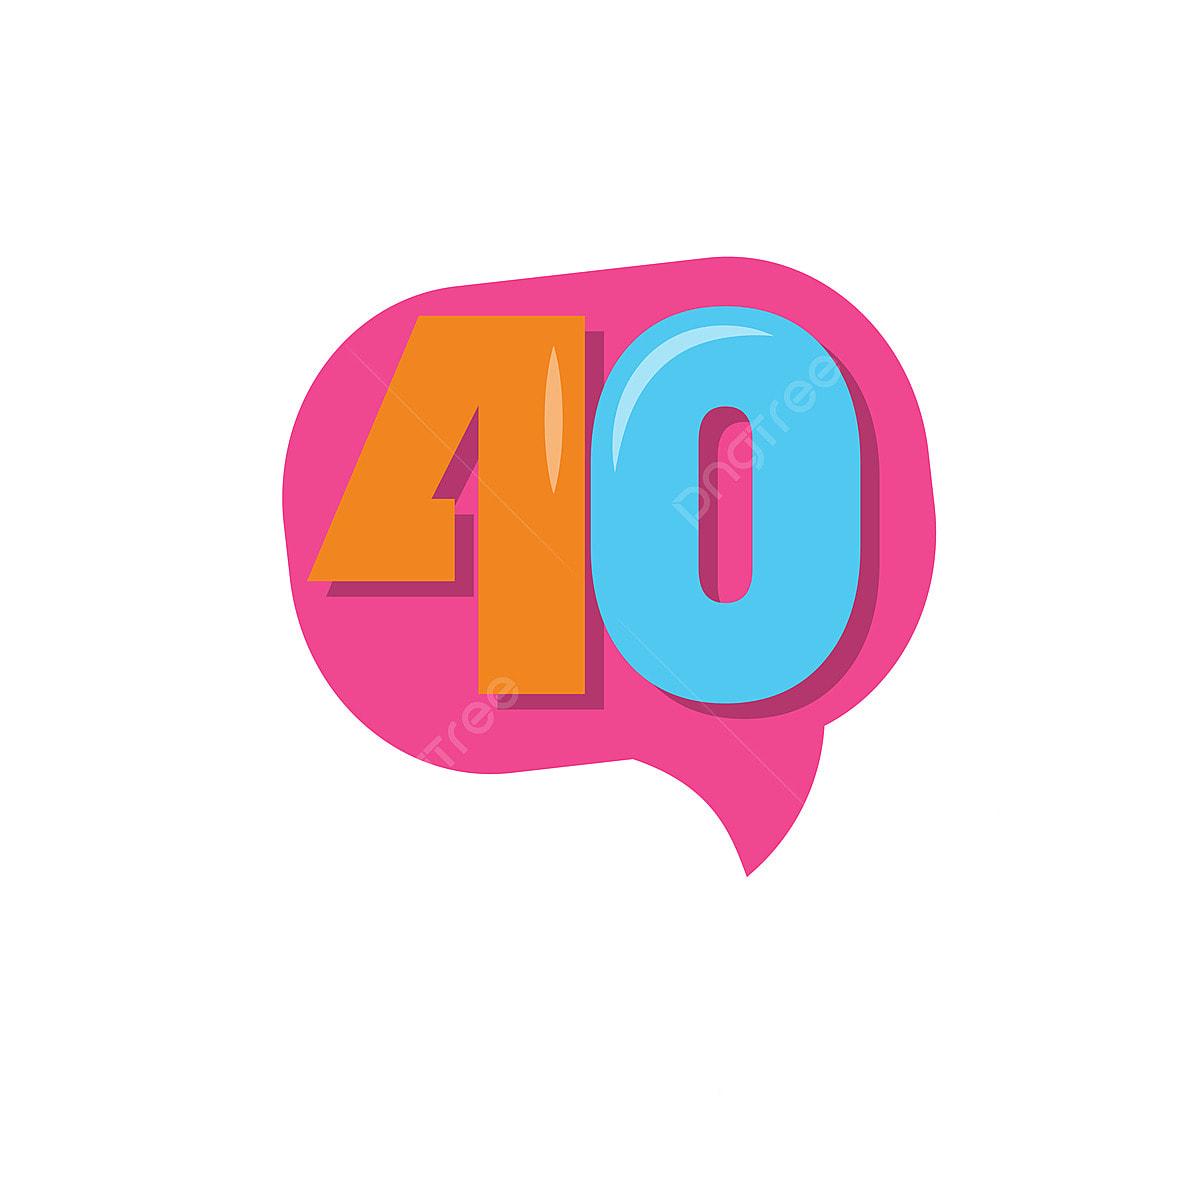 Fête d'anniversaire de 40 ans Clipart - Image